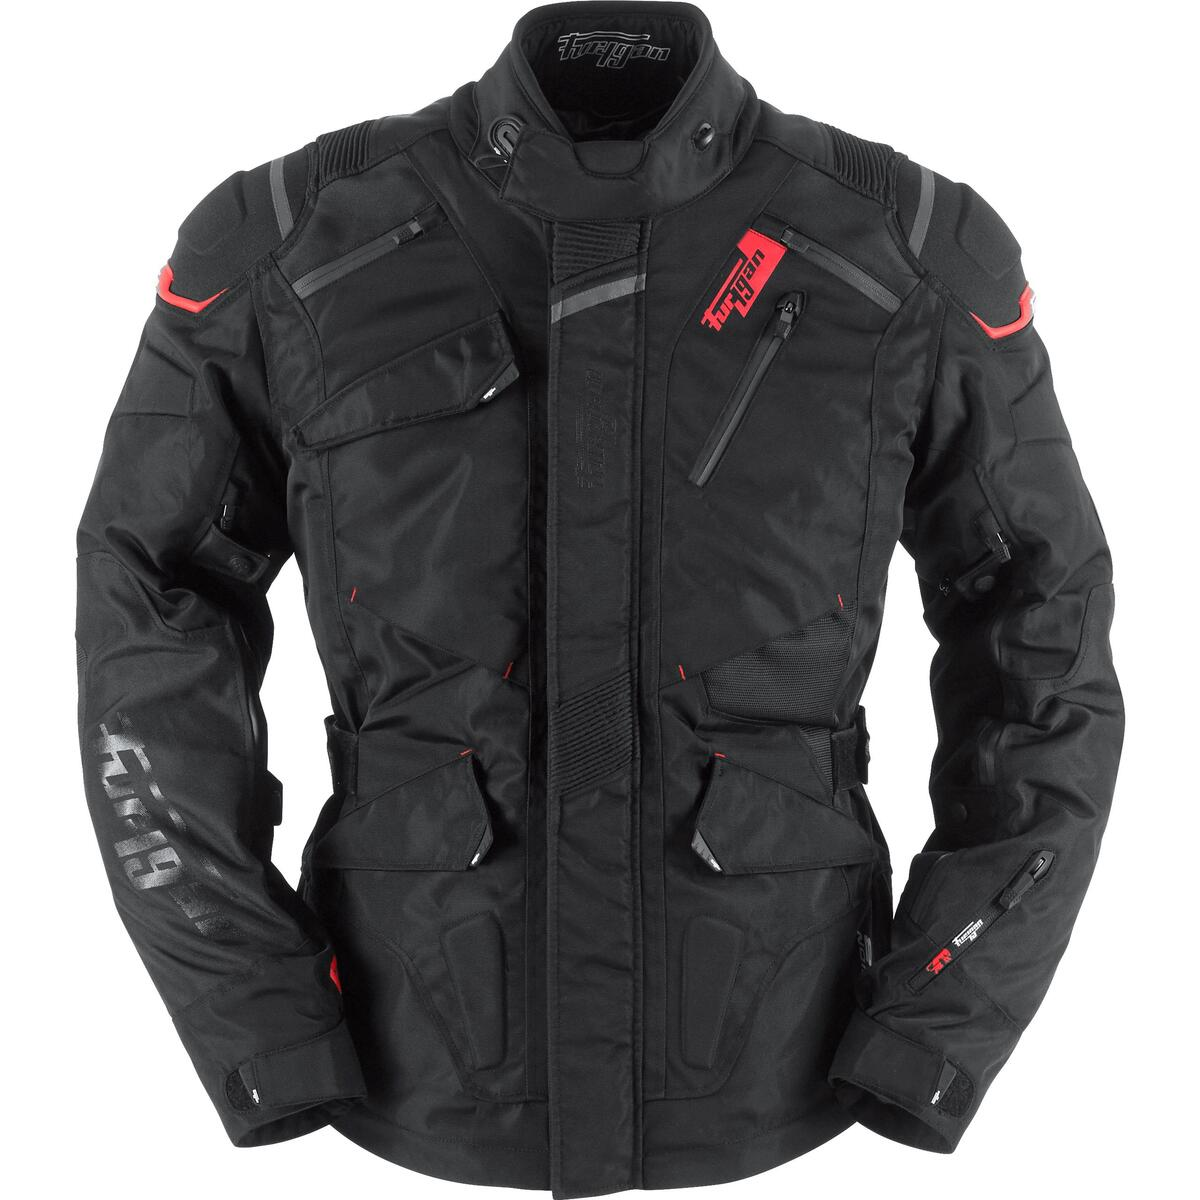 Bild 2 von Furygan Vulcain 3in1 Textiljacke schwarz Herren Größe L